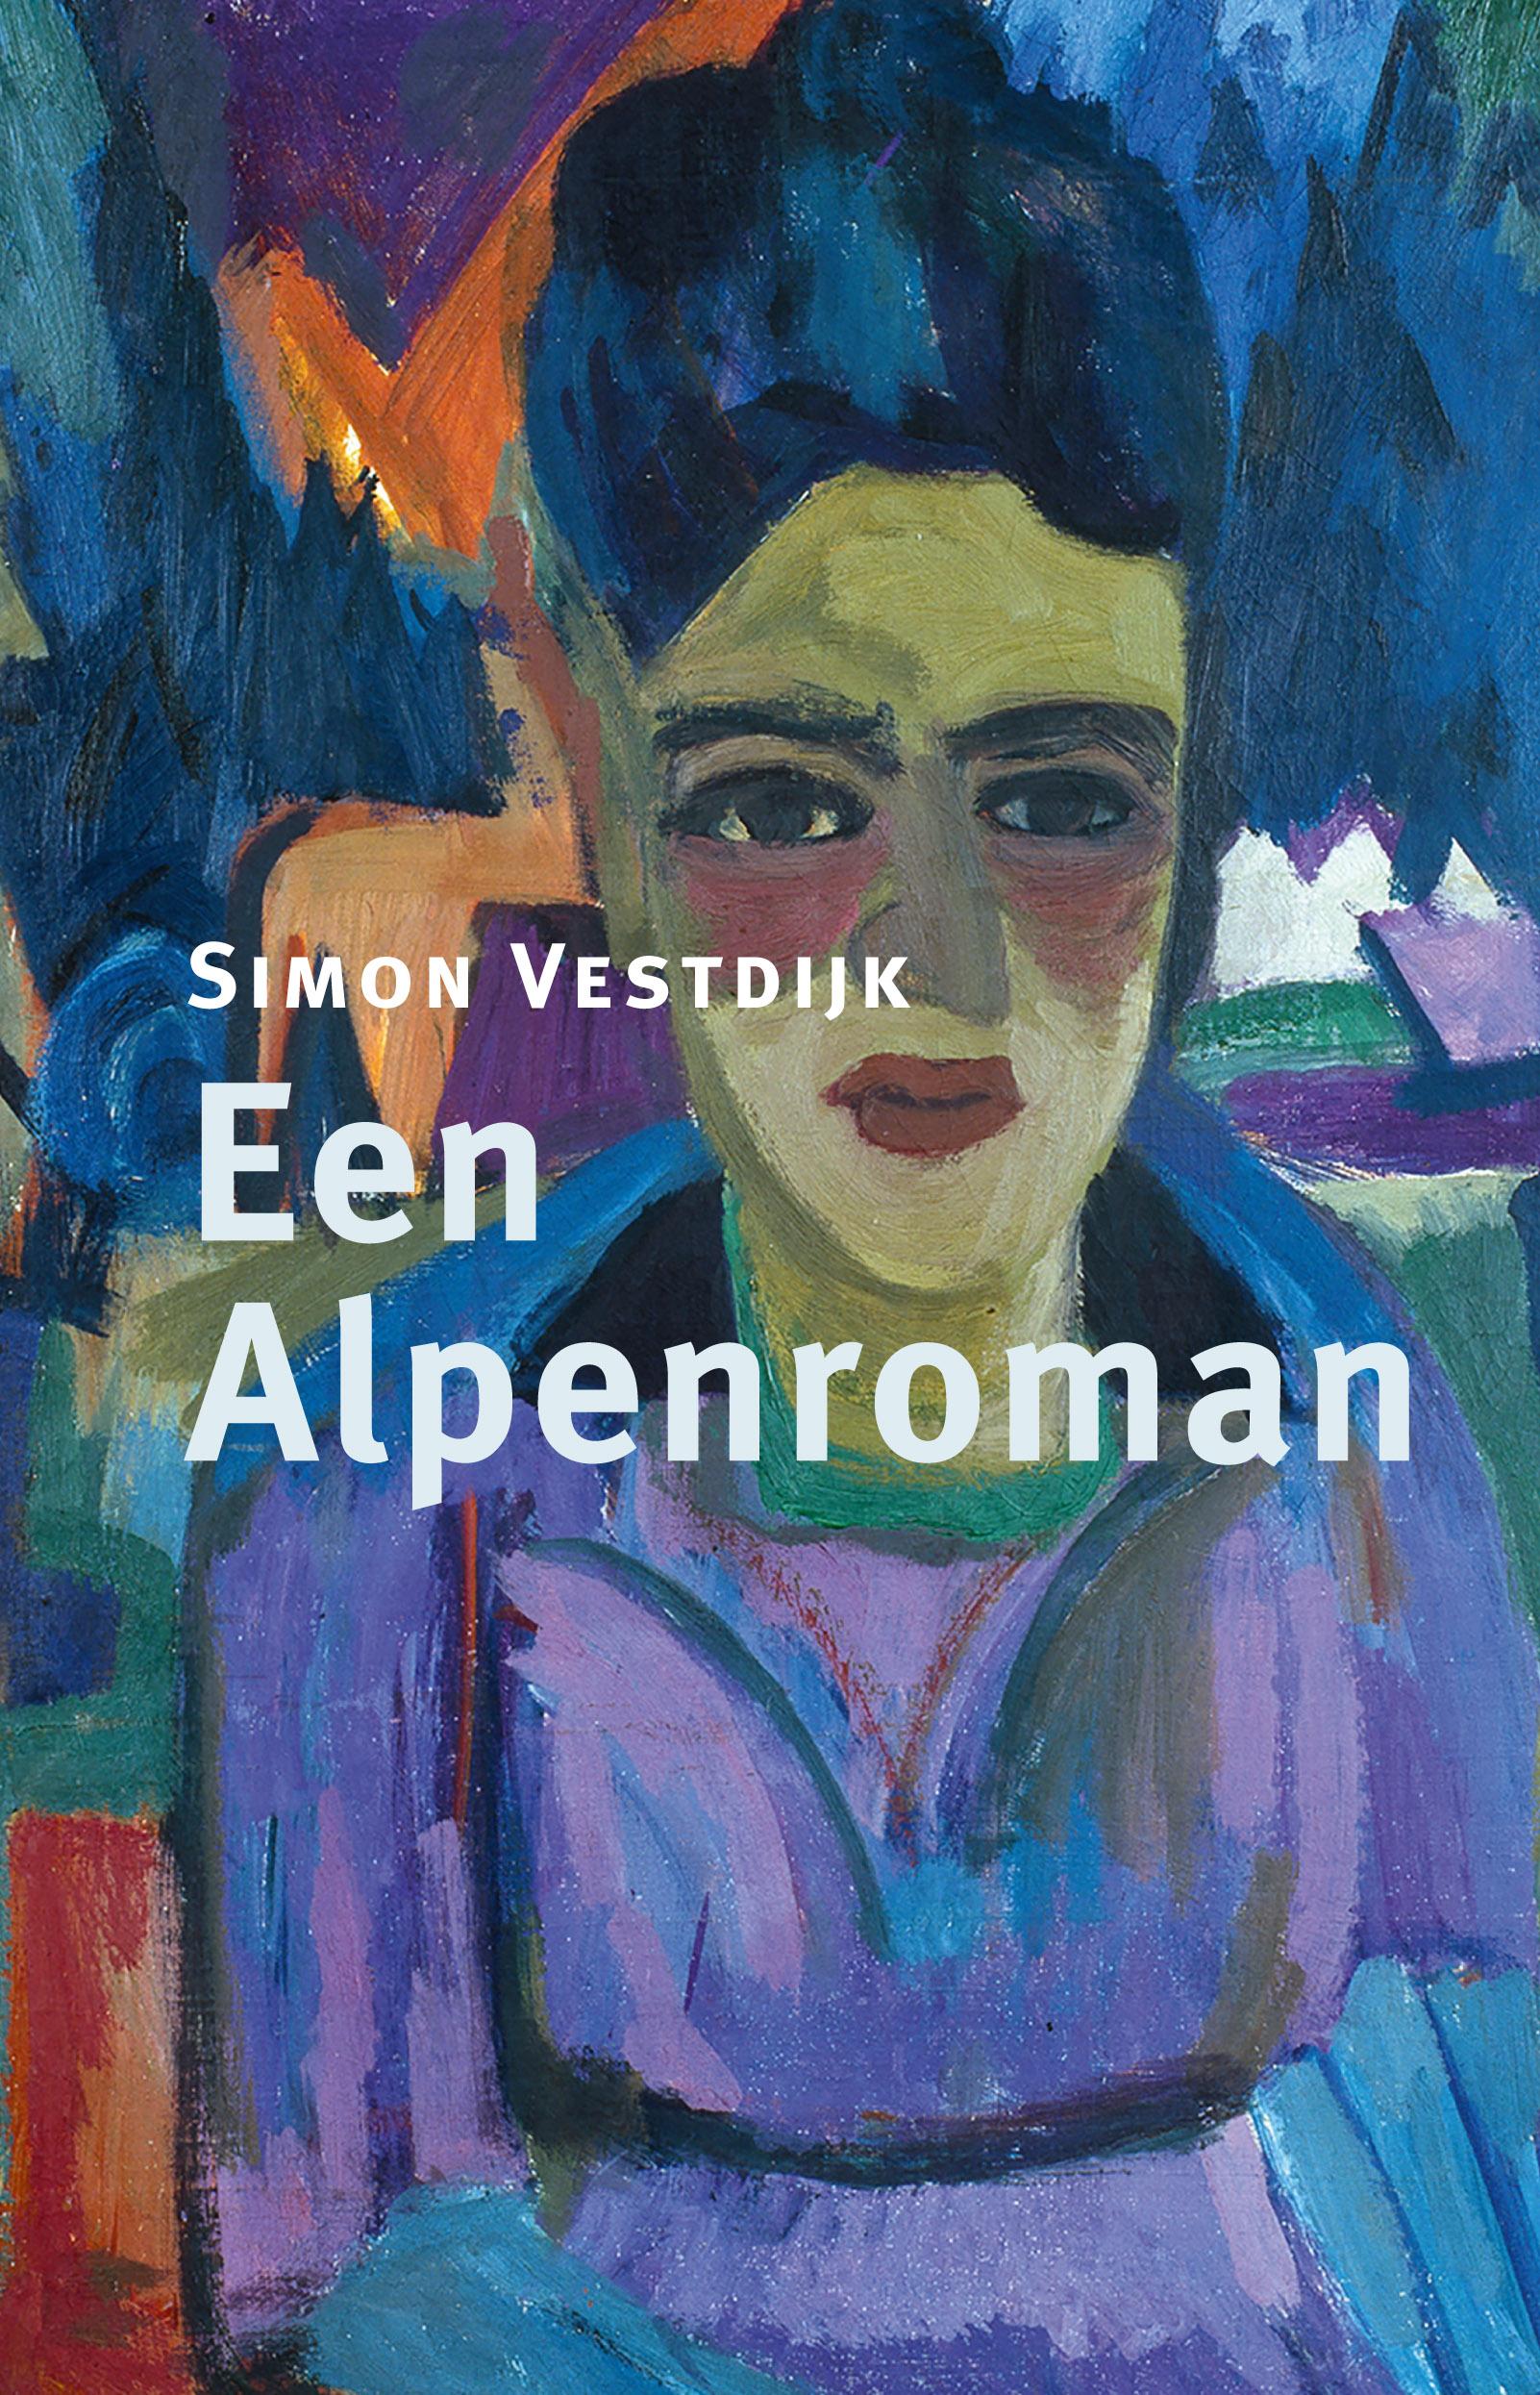 Een Alpenroman | Simon Vestdijk 9789493170506 Simon Vestdijk Kleine Uil   Reisverhalen Zwitserland en Oostenrijk (en Alpen als geheel)